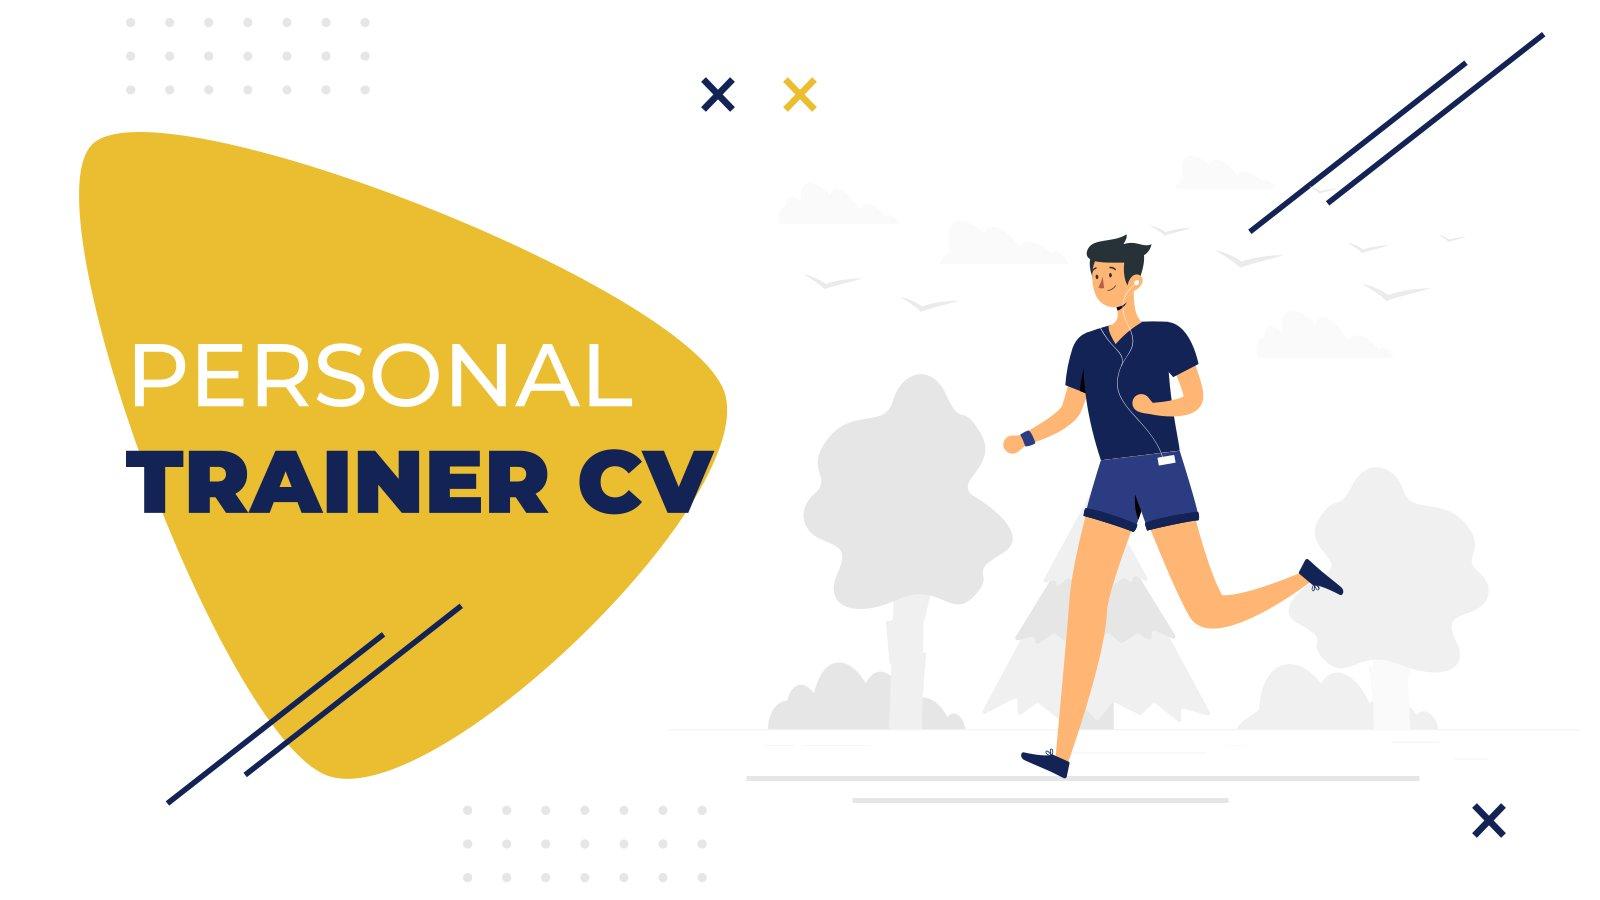 Plantilla de presentación CV para entrenadores personales